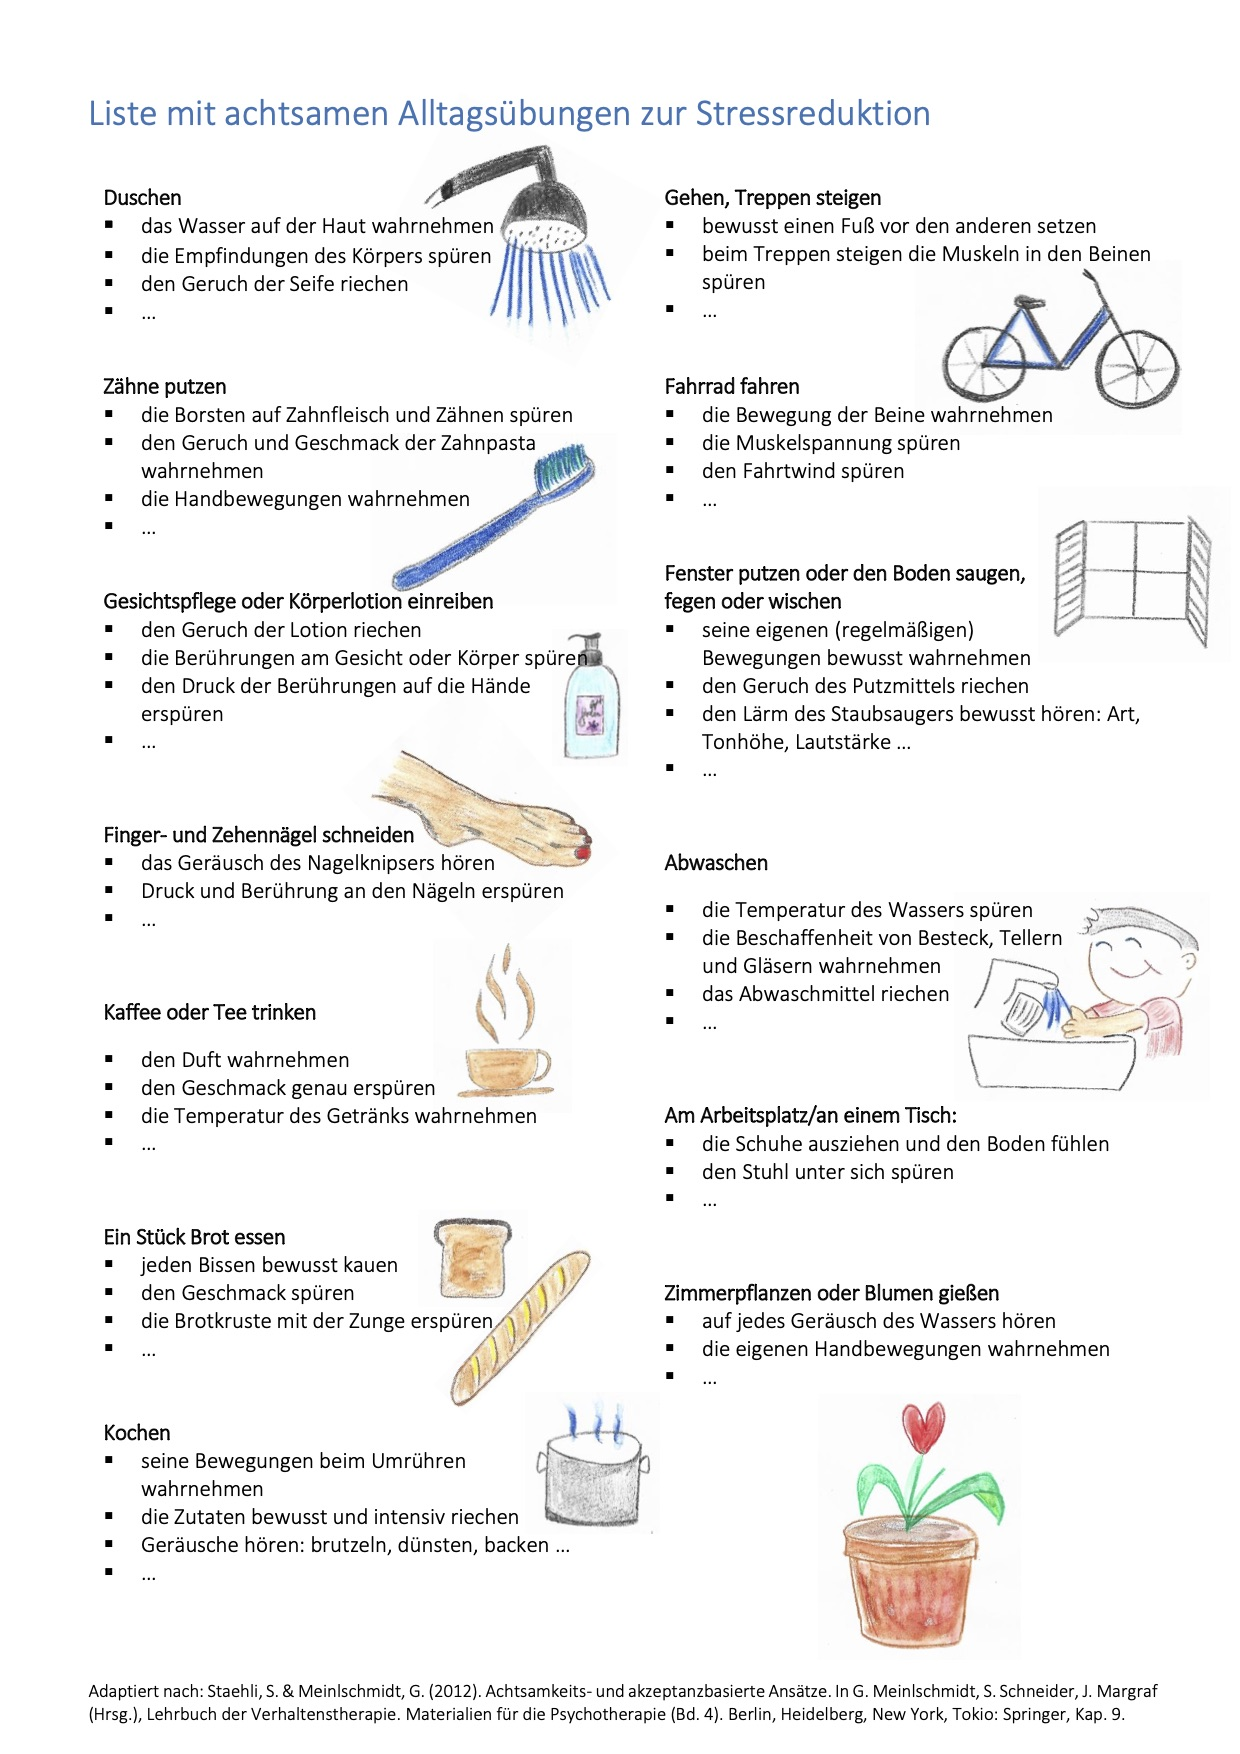 Liste mit Alltagstätigkeiten zur Achtsamkeitsübung